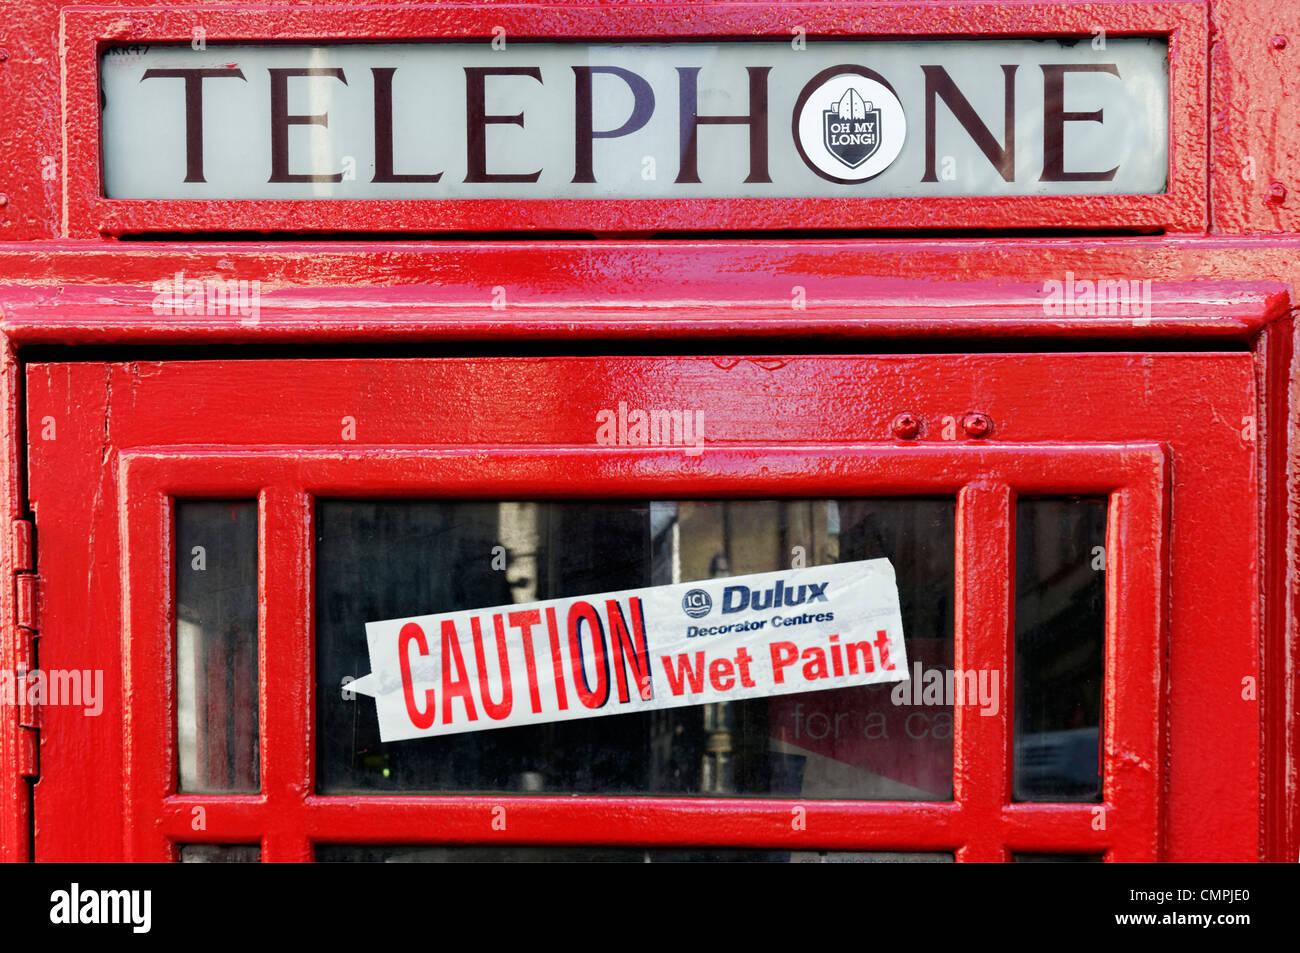 Un rosso telefono pubblico booth con un 'attenzione - vernice fresca' etichetta nella finestra Immagini Stock